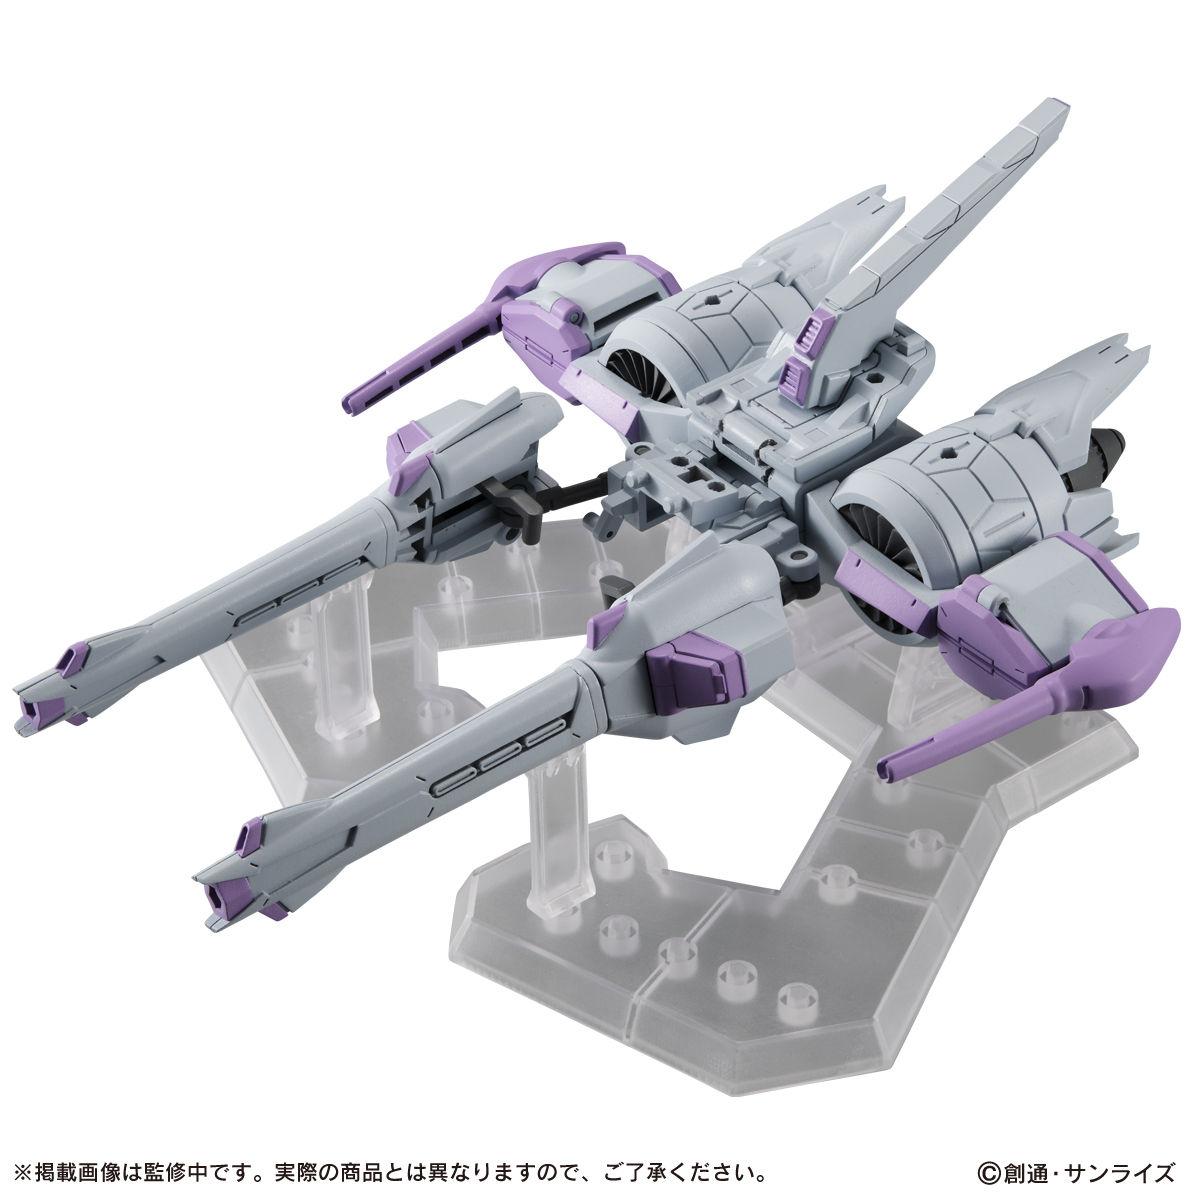 【限定販売】MOBILE SUIT ENSEMBLE『EX14A フリーダムガンダム』機動戦士ガンダムSEED 可動フィギュア-010